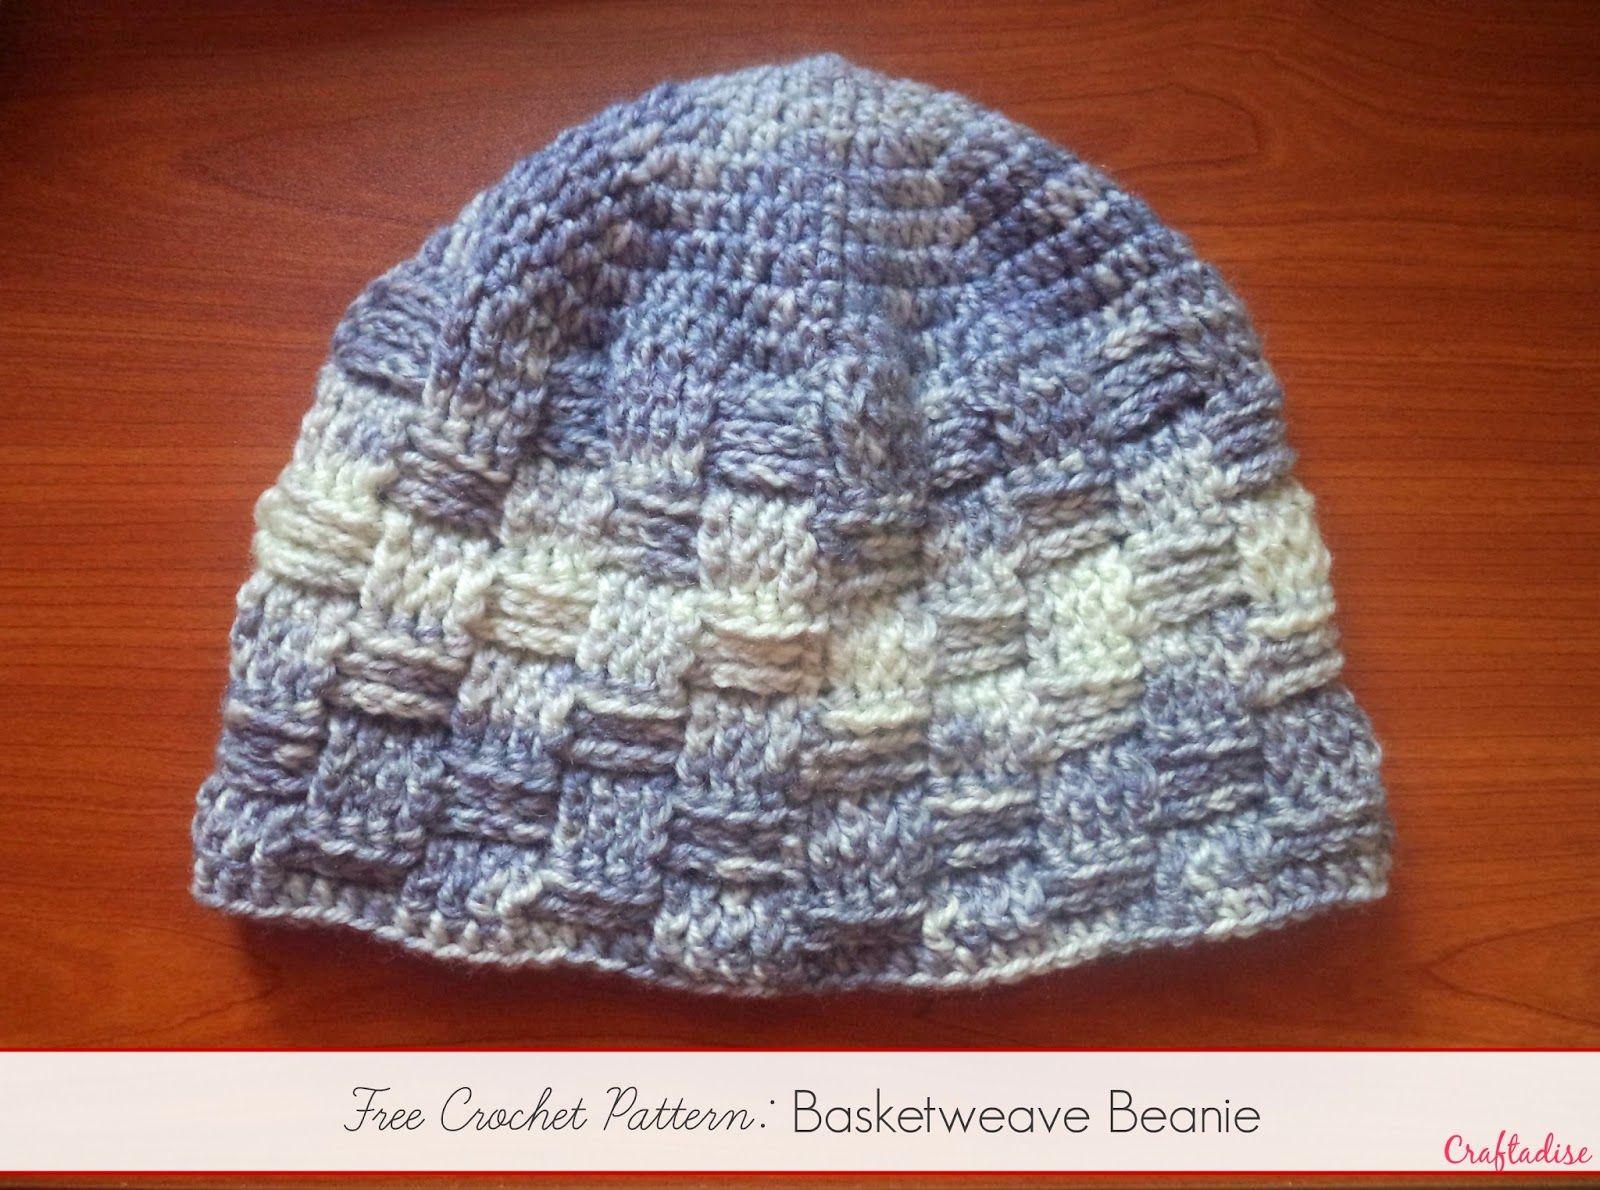 Free Crochet Pattern: Basketweave Beanie | Crochet Patterns ...